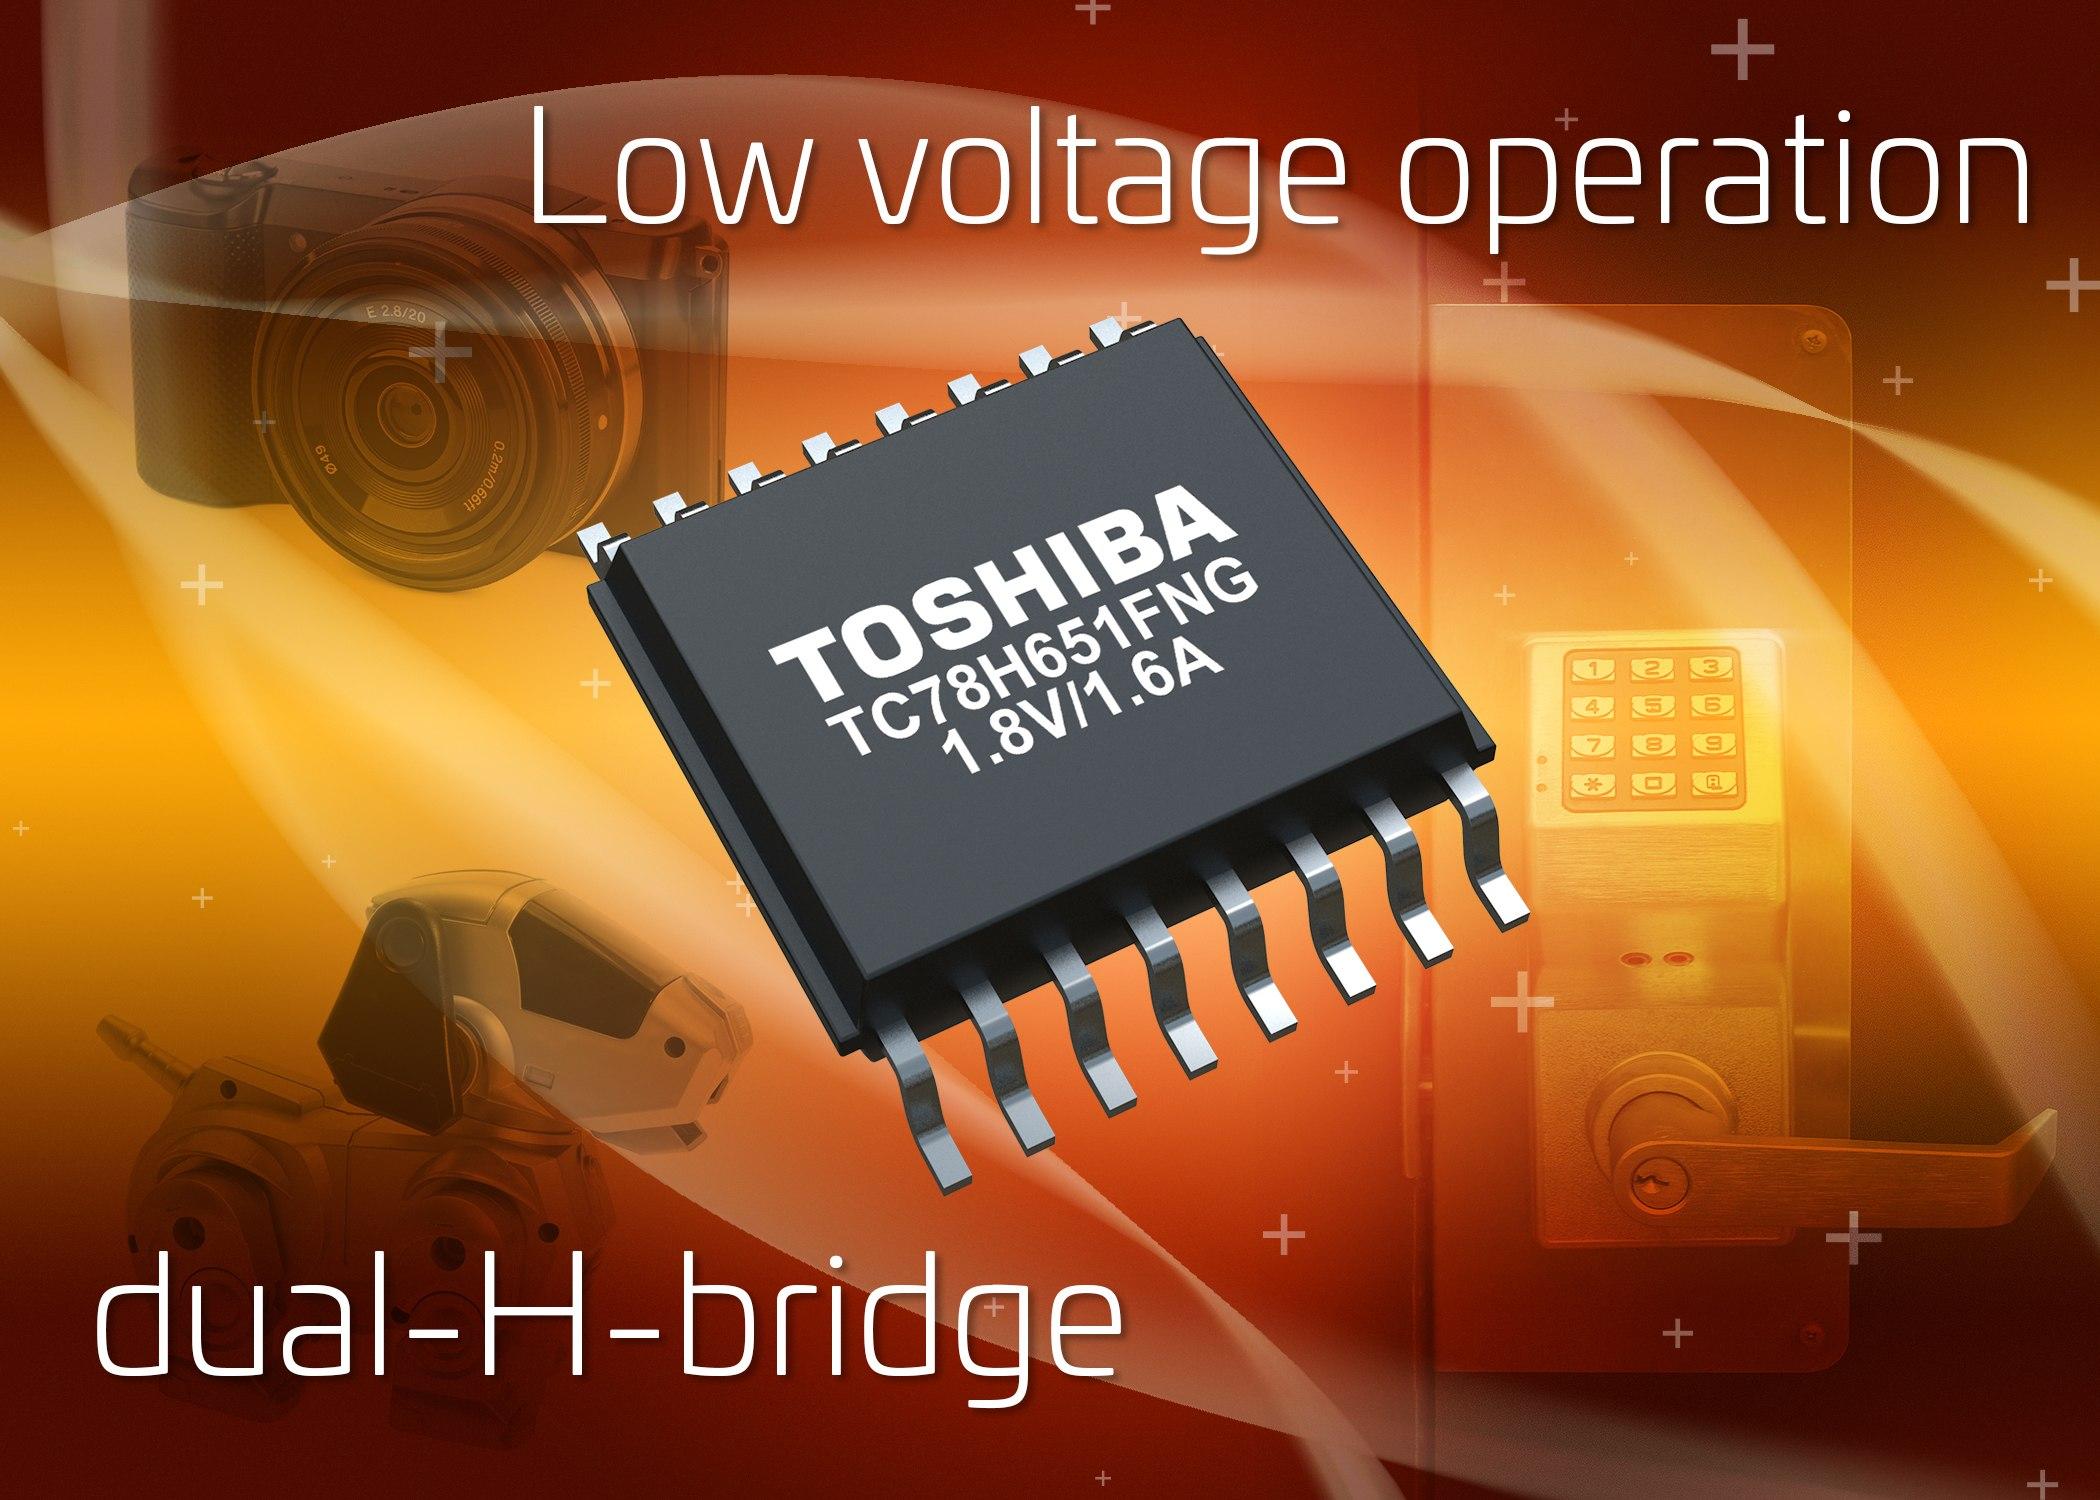 Toshiba_TC78H651FNG.jpg